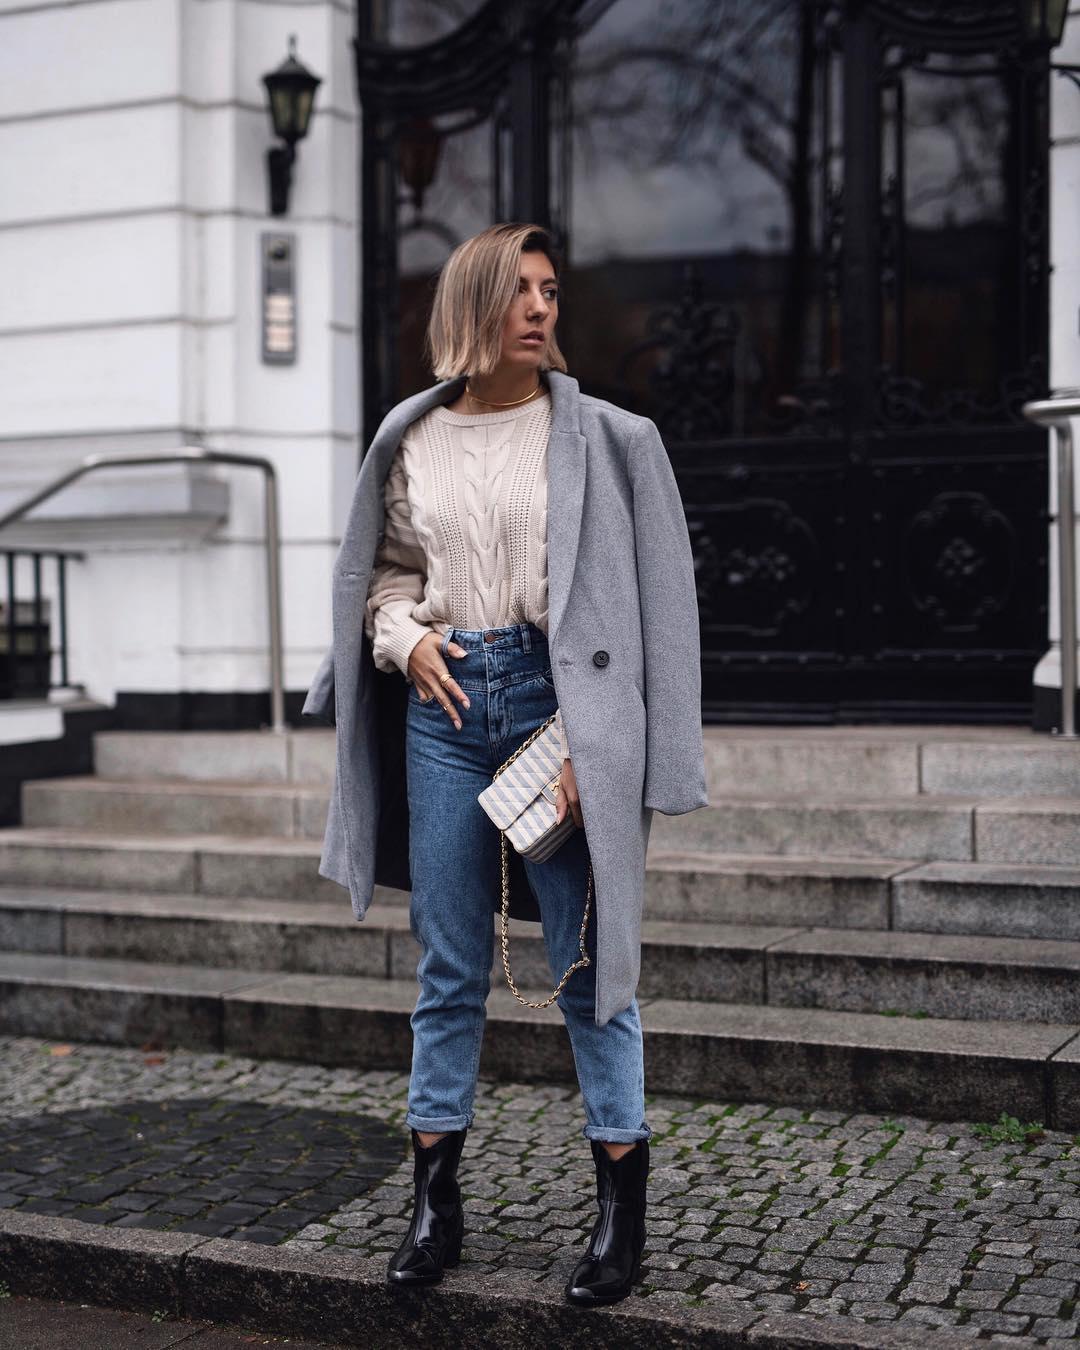 с чем носить джинсы зимой фото 6